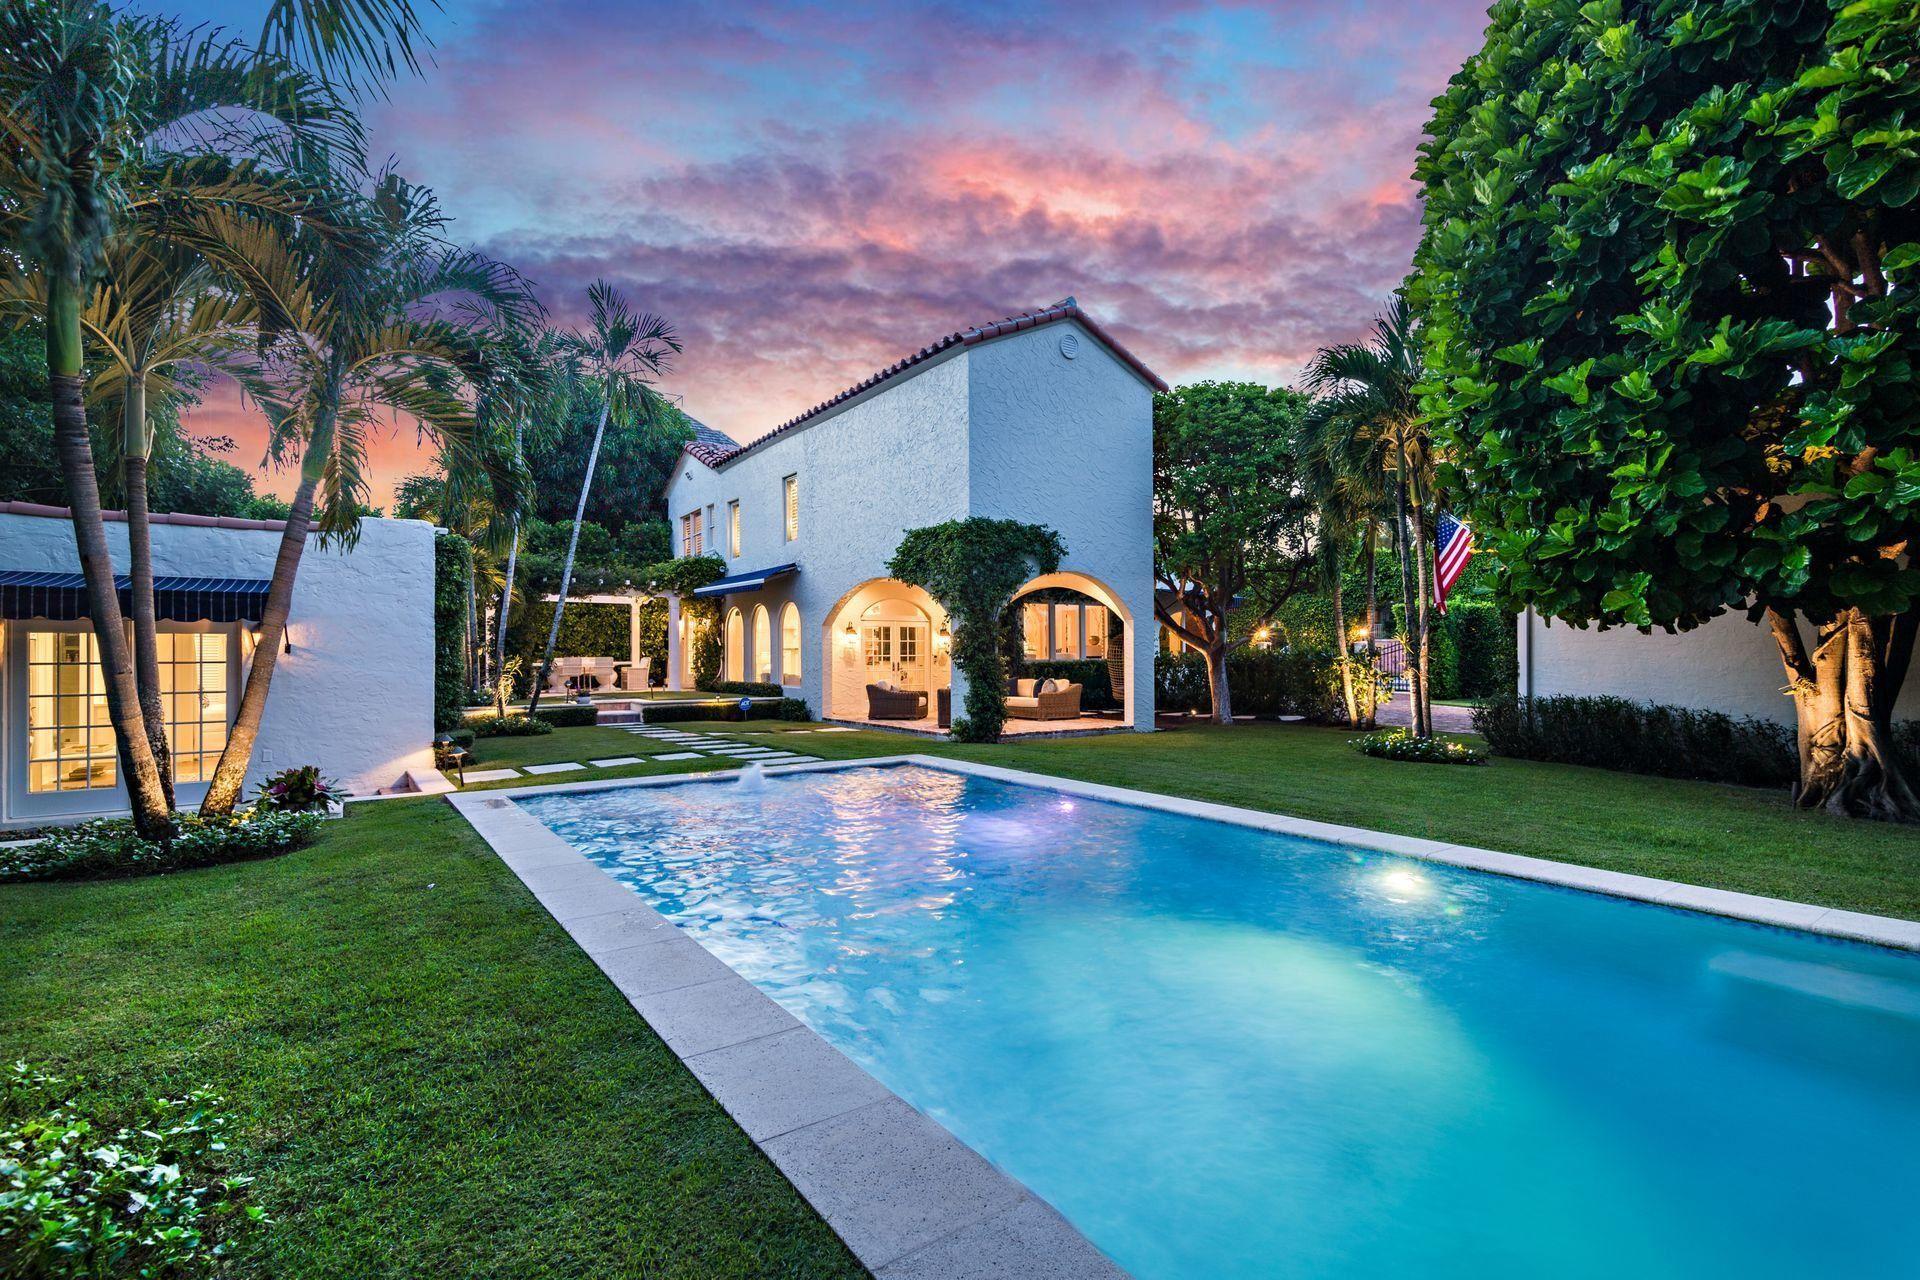 194 Pershing Way, West Palm Beach, FL 33401 - #: RX-10662034